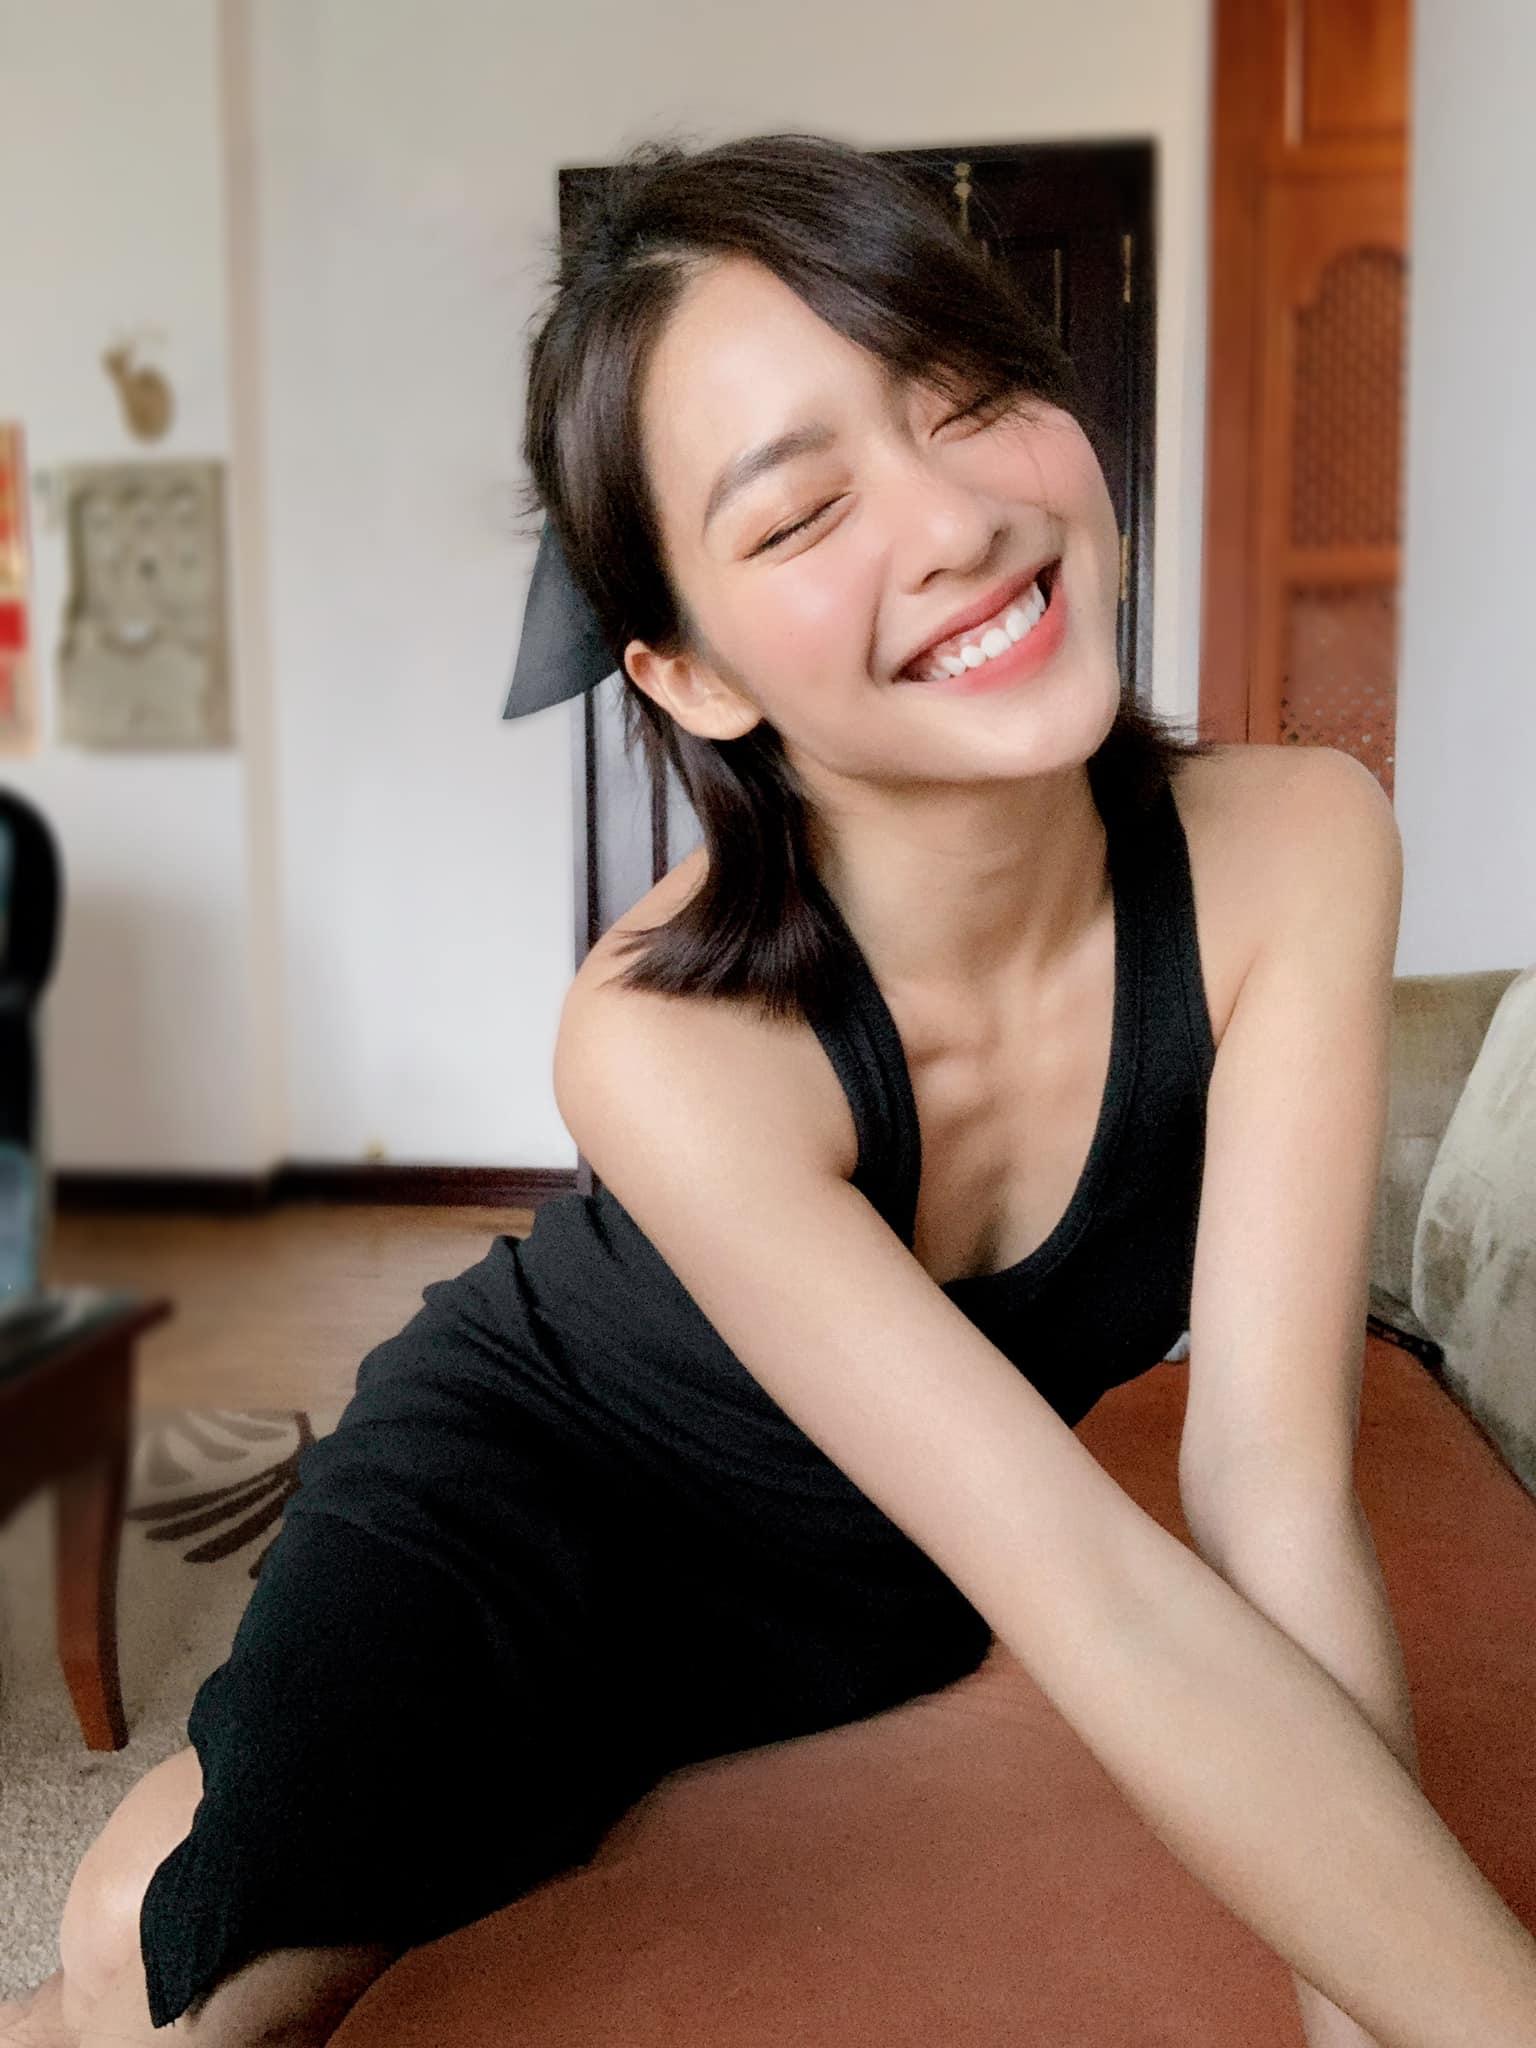 Sao Việt gầy đến đáng báo động, nhìn bà xã Trường Giang mà lo lắng - 2